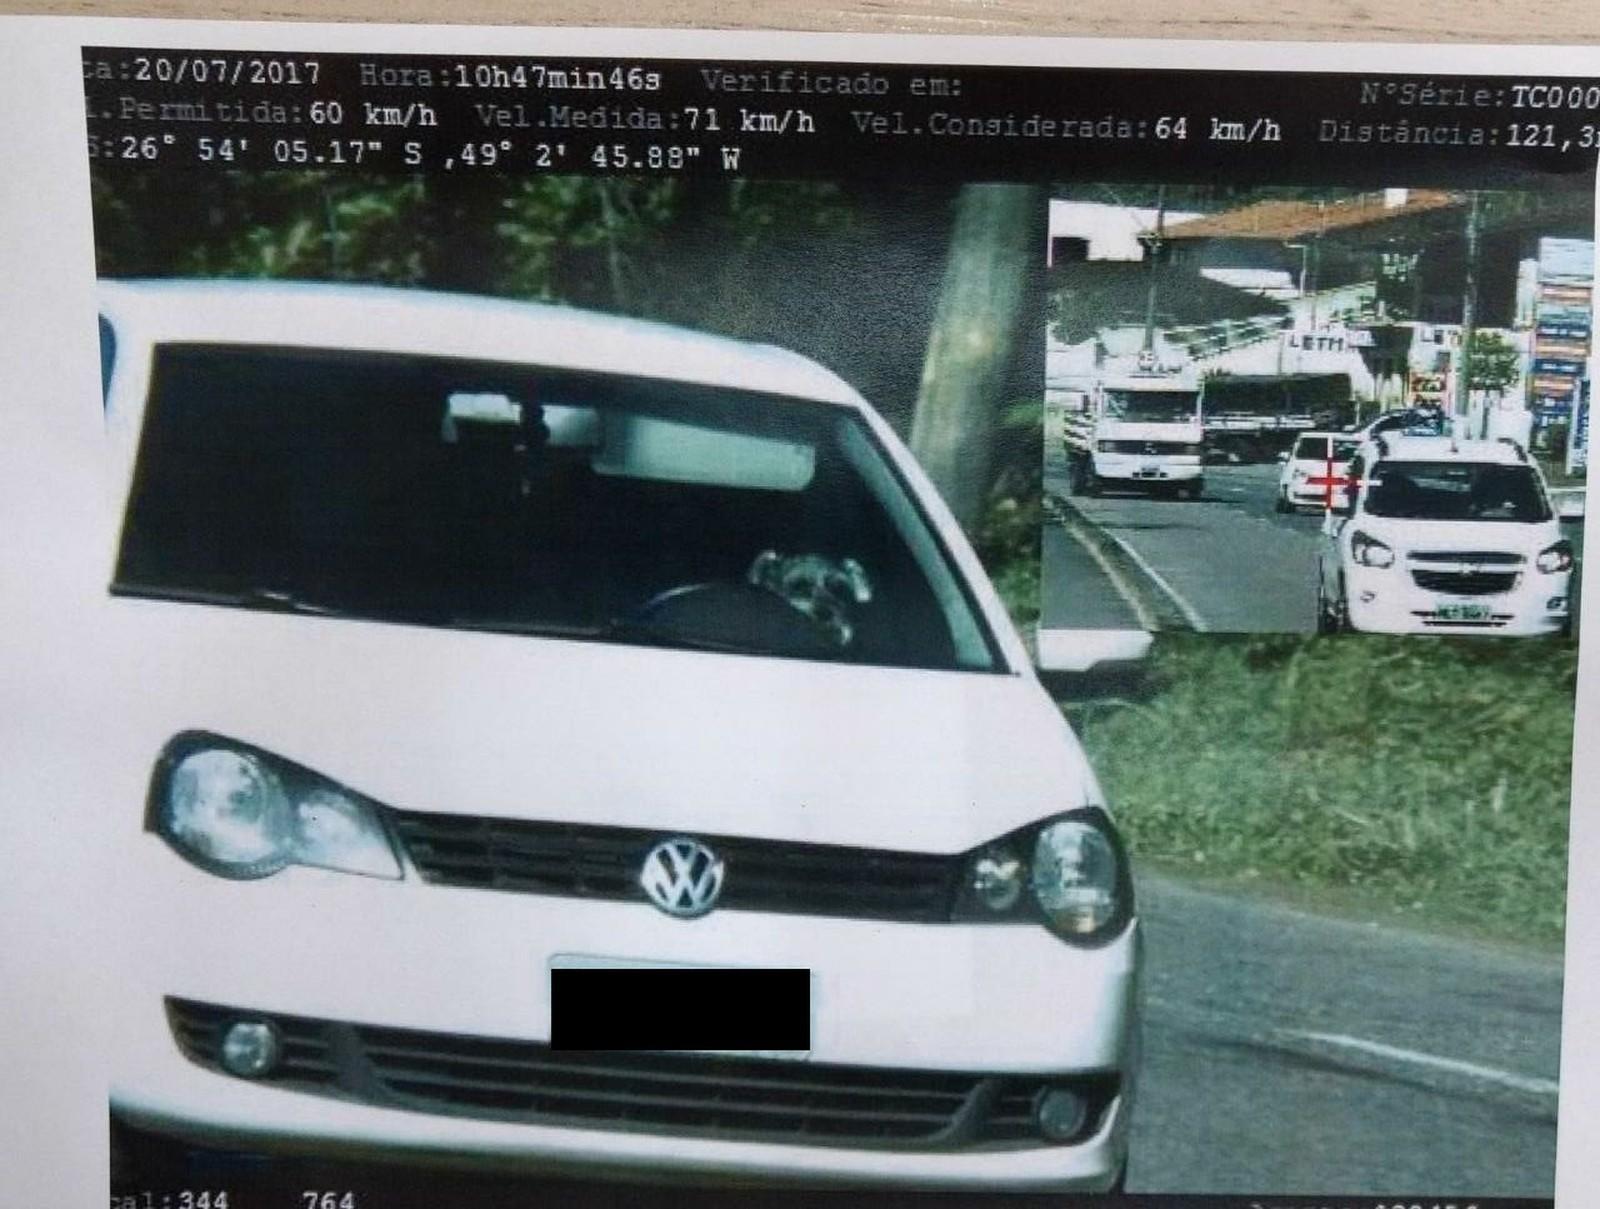 Radar flagra cachorro 'dirigindo' carro acima da velocidade em Santa Catarina